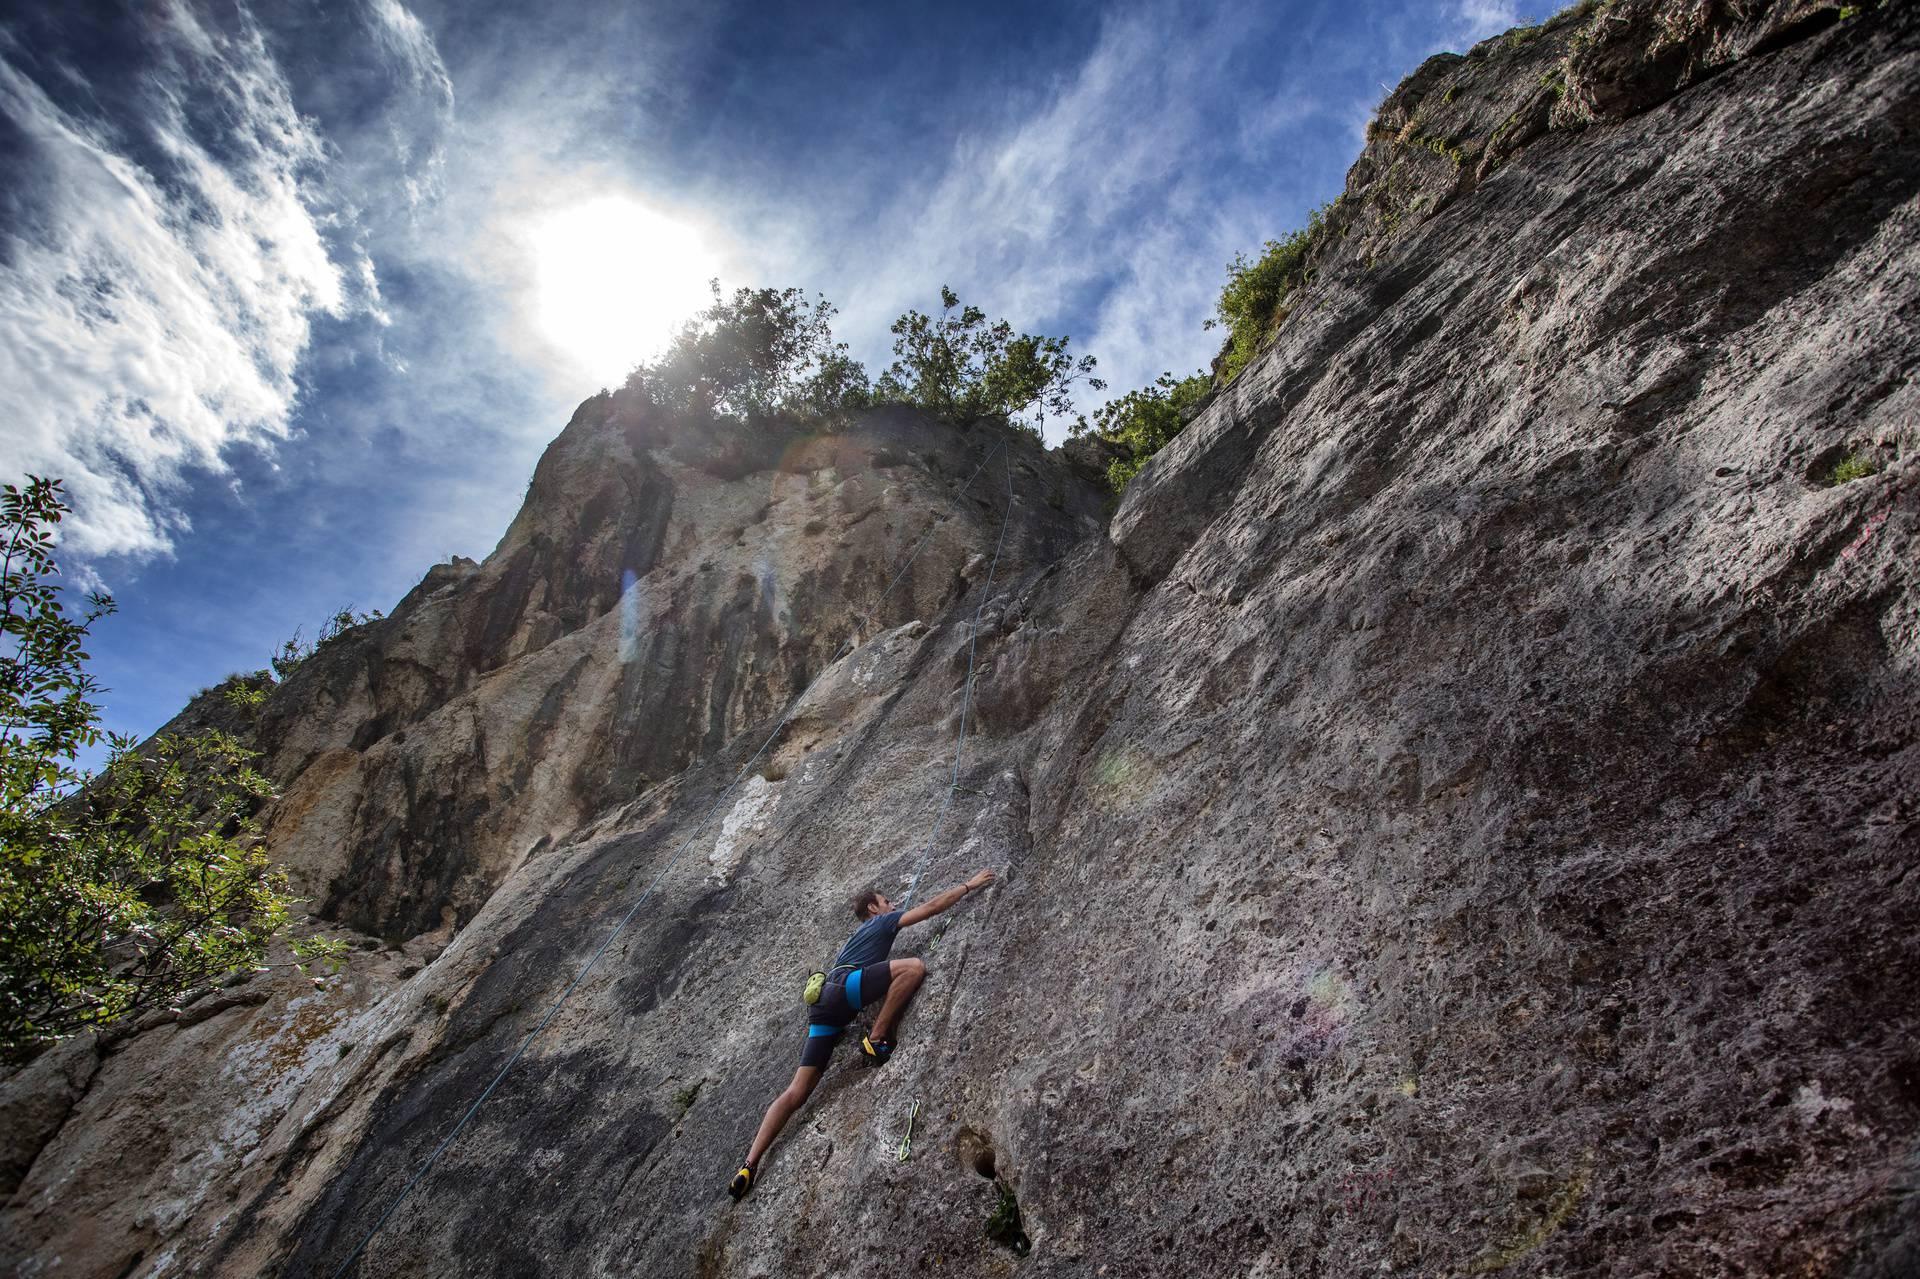 Sportsko penjanje na stijenama penjališta Portafortuna u Baškoj na otoku Krku